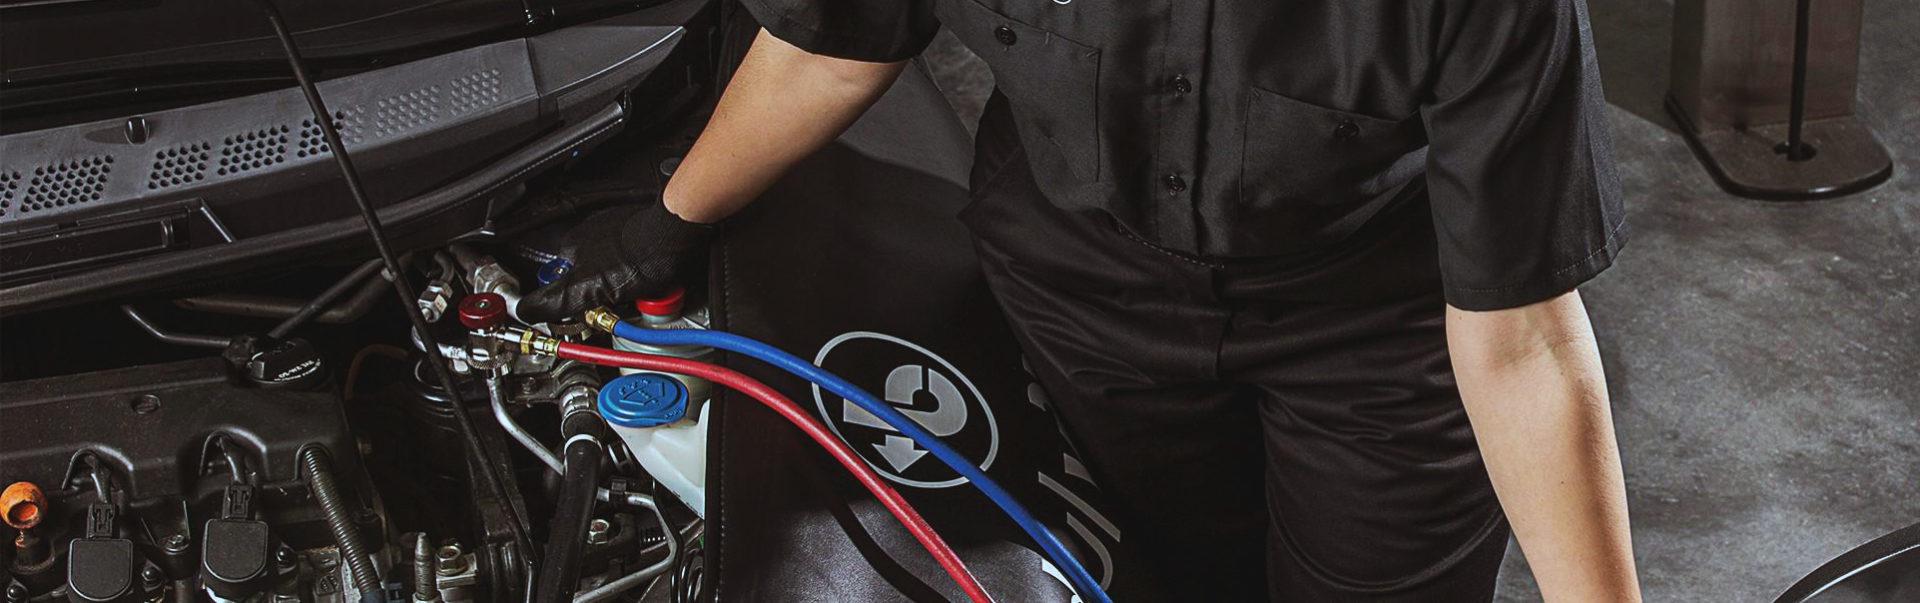 Как проверить своими руками кондиционера в машине